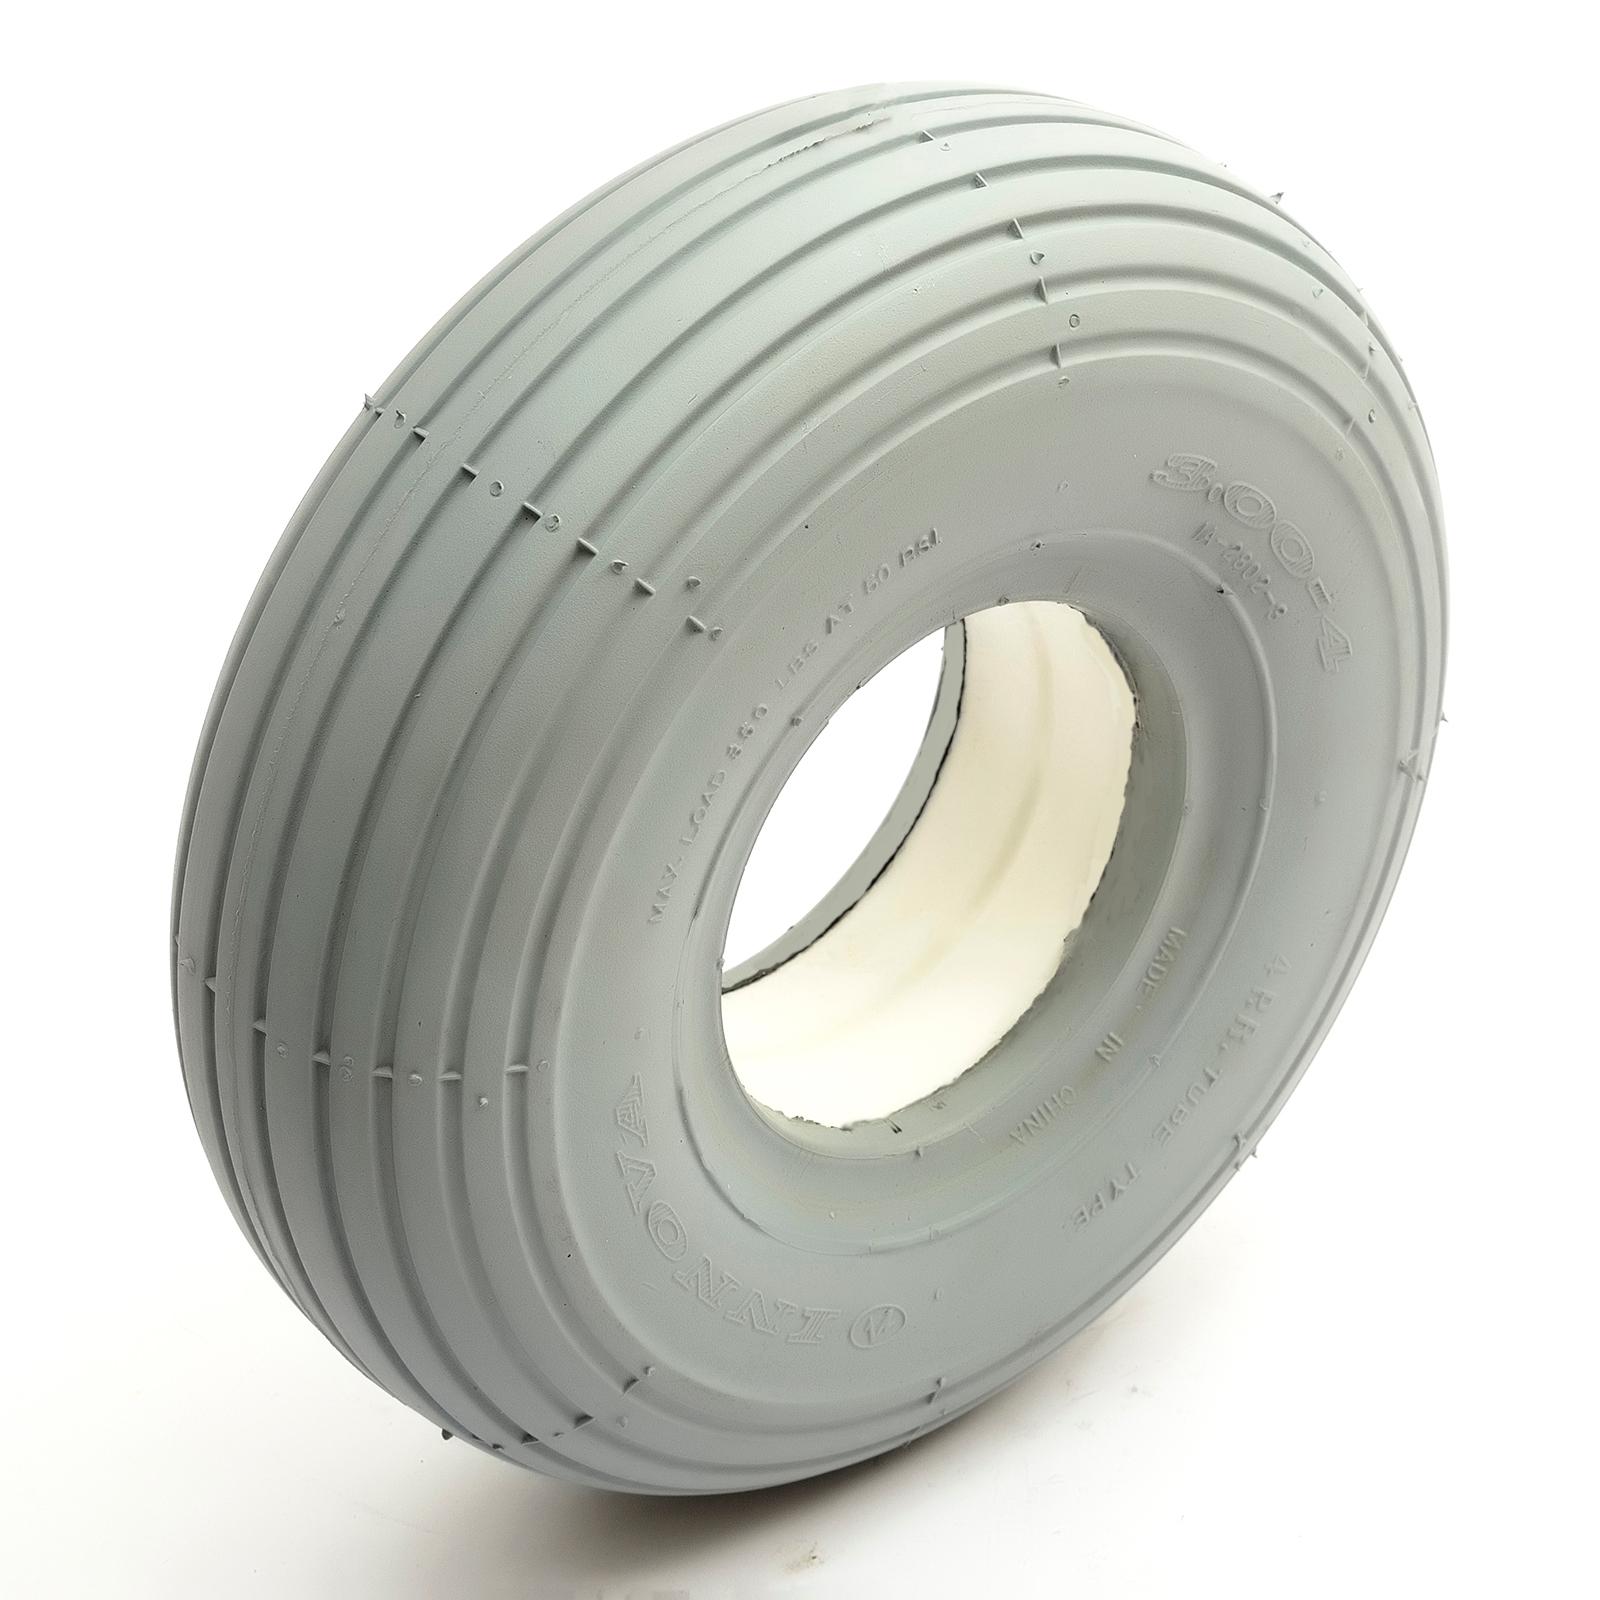 20 mm caoutchouc pneus en Gris-Neuf